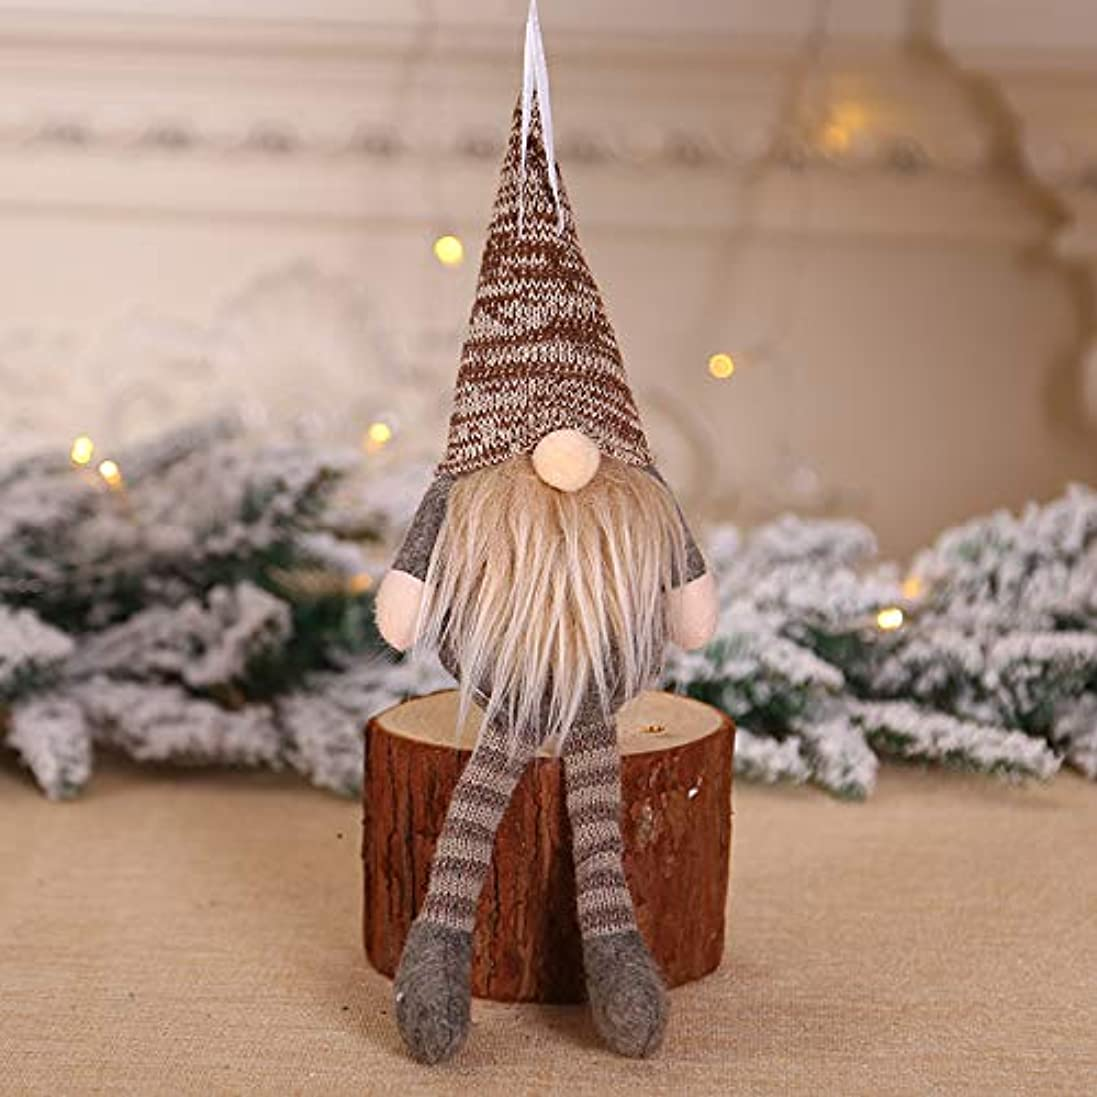 南考慮同性愛者クリスマスぬいぐるみ吊り人形装飾、サンタ人形ペンダント、ノルディックドワーフ人形クリスマスツリー飾り人形装飾、20 * 12 * 5、クリスマスや感謝祭の装飾に使用